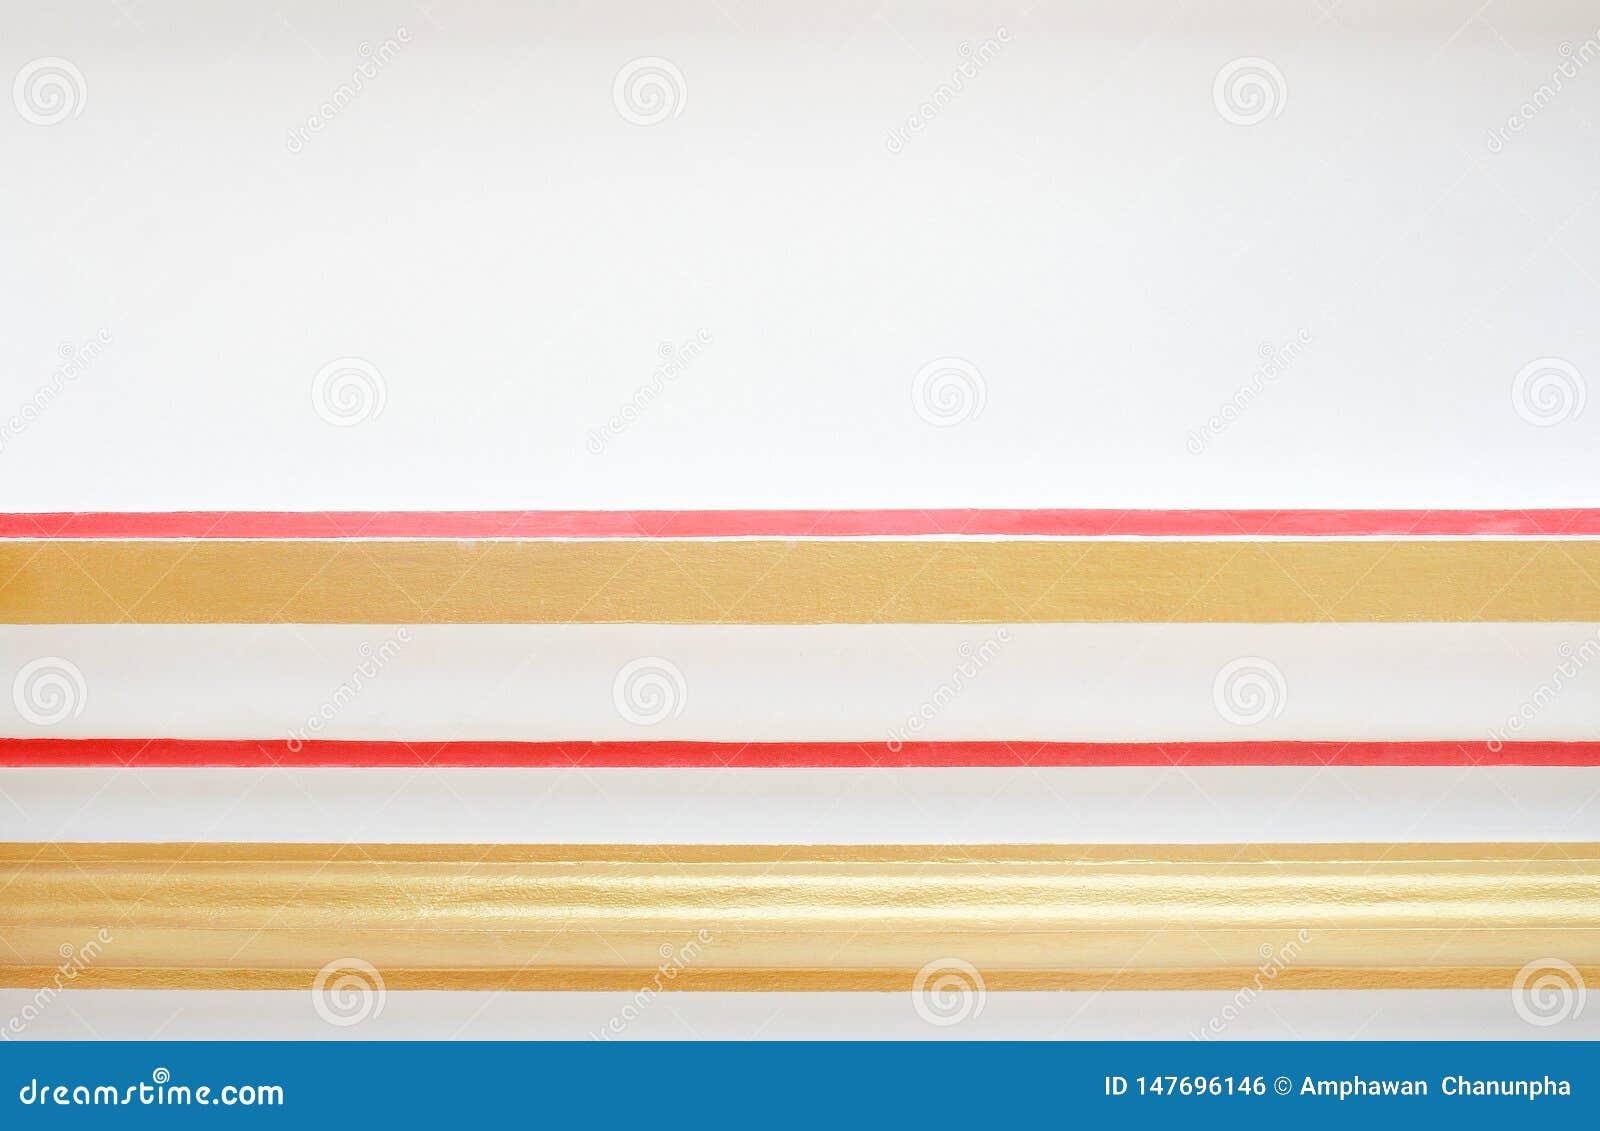 Vat de textuur kleurrijke gouden en rode lijn in horizontale patronen op witte concrete muur voor achtergrond en exemplaarruimte